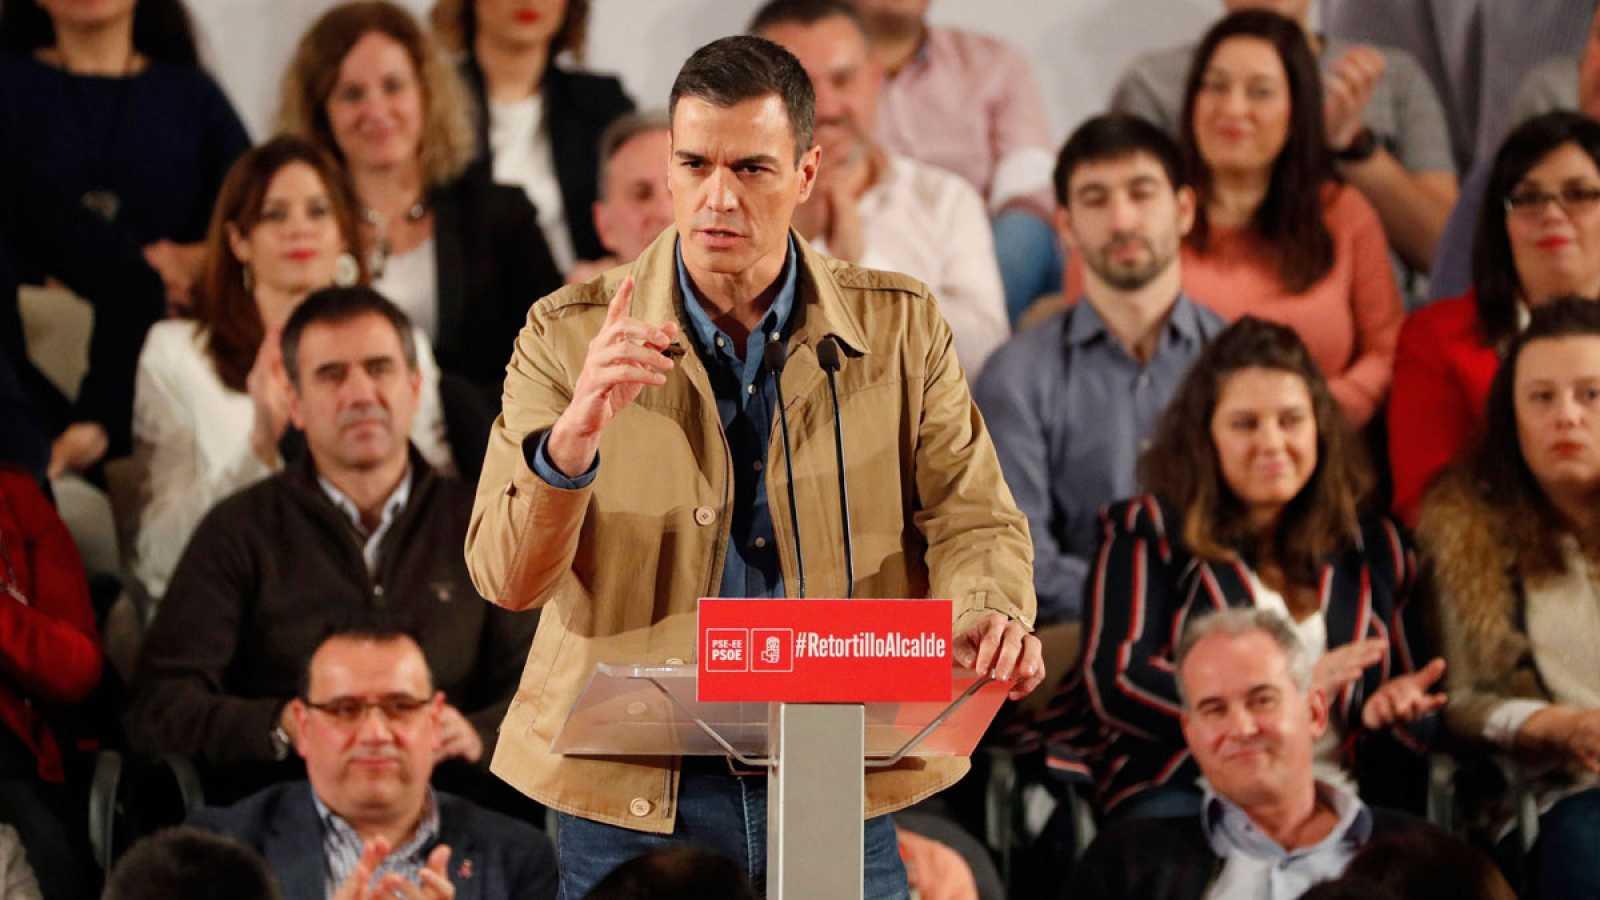 Pedro Sánchez insiste en que nunca negociará el derecho de autodeterminación - ver ahora